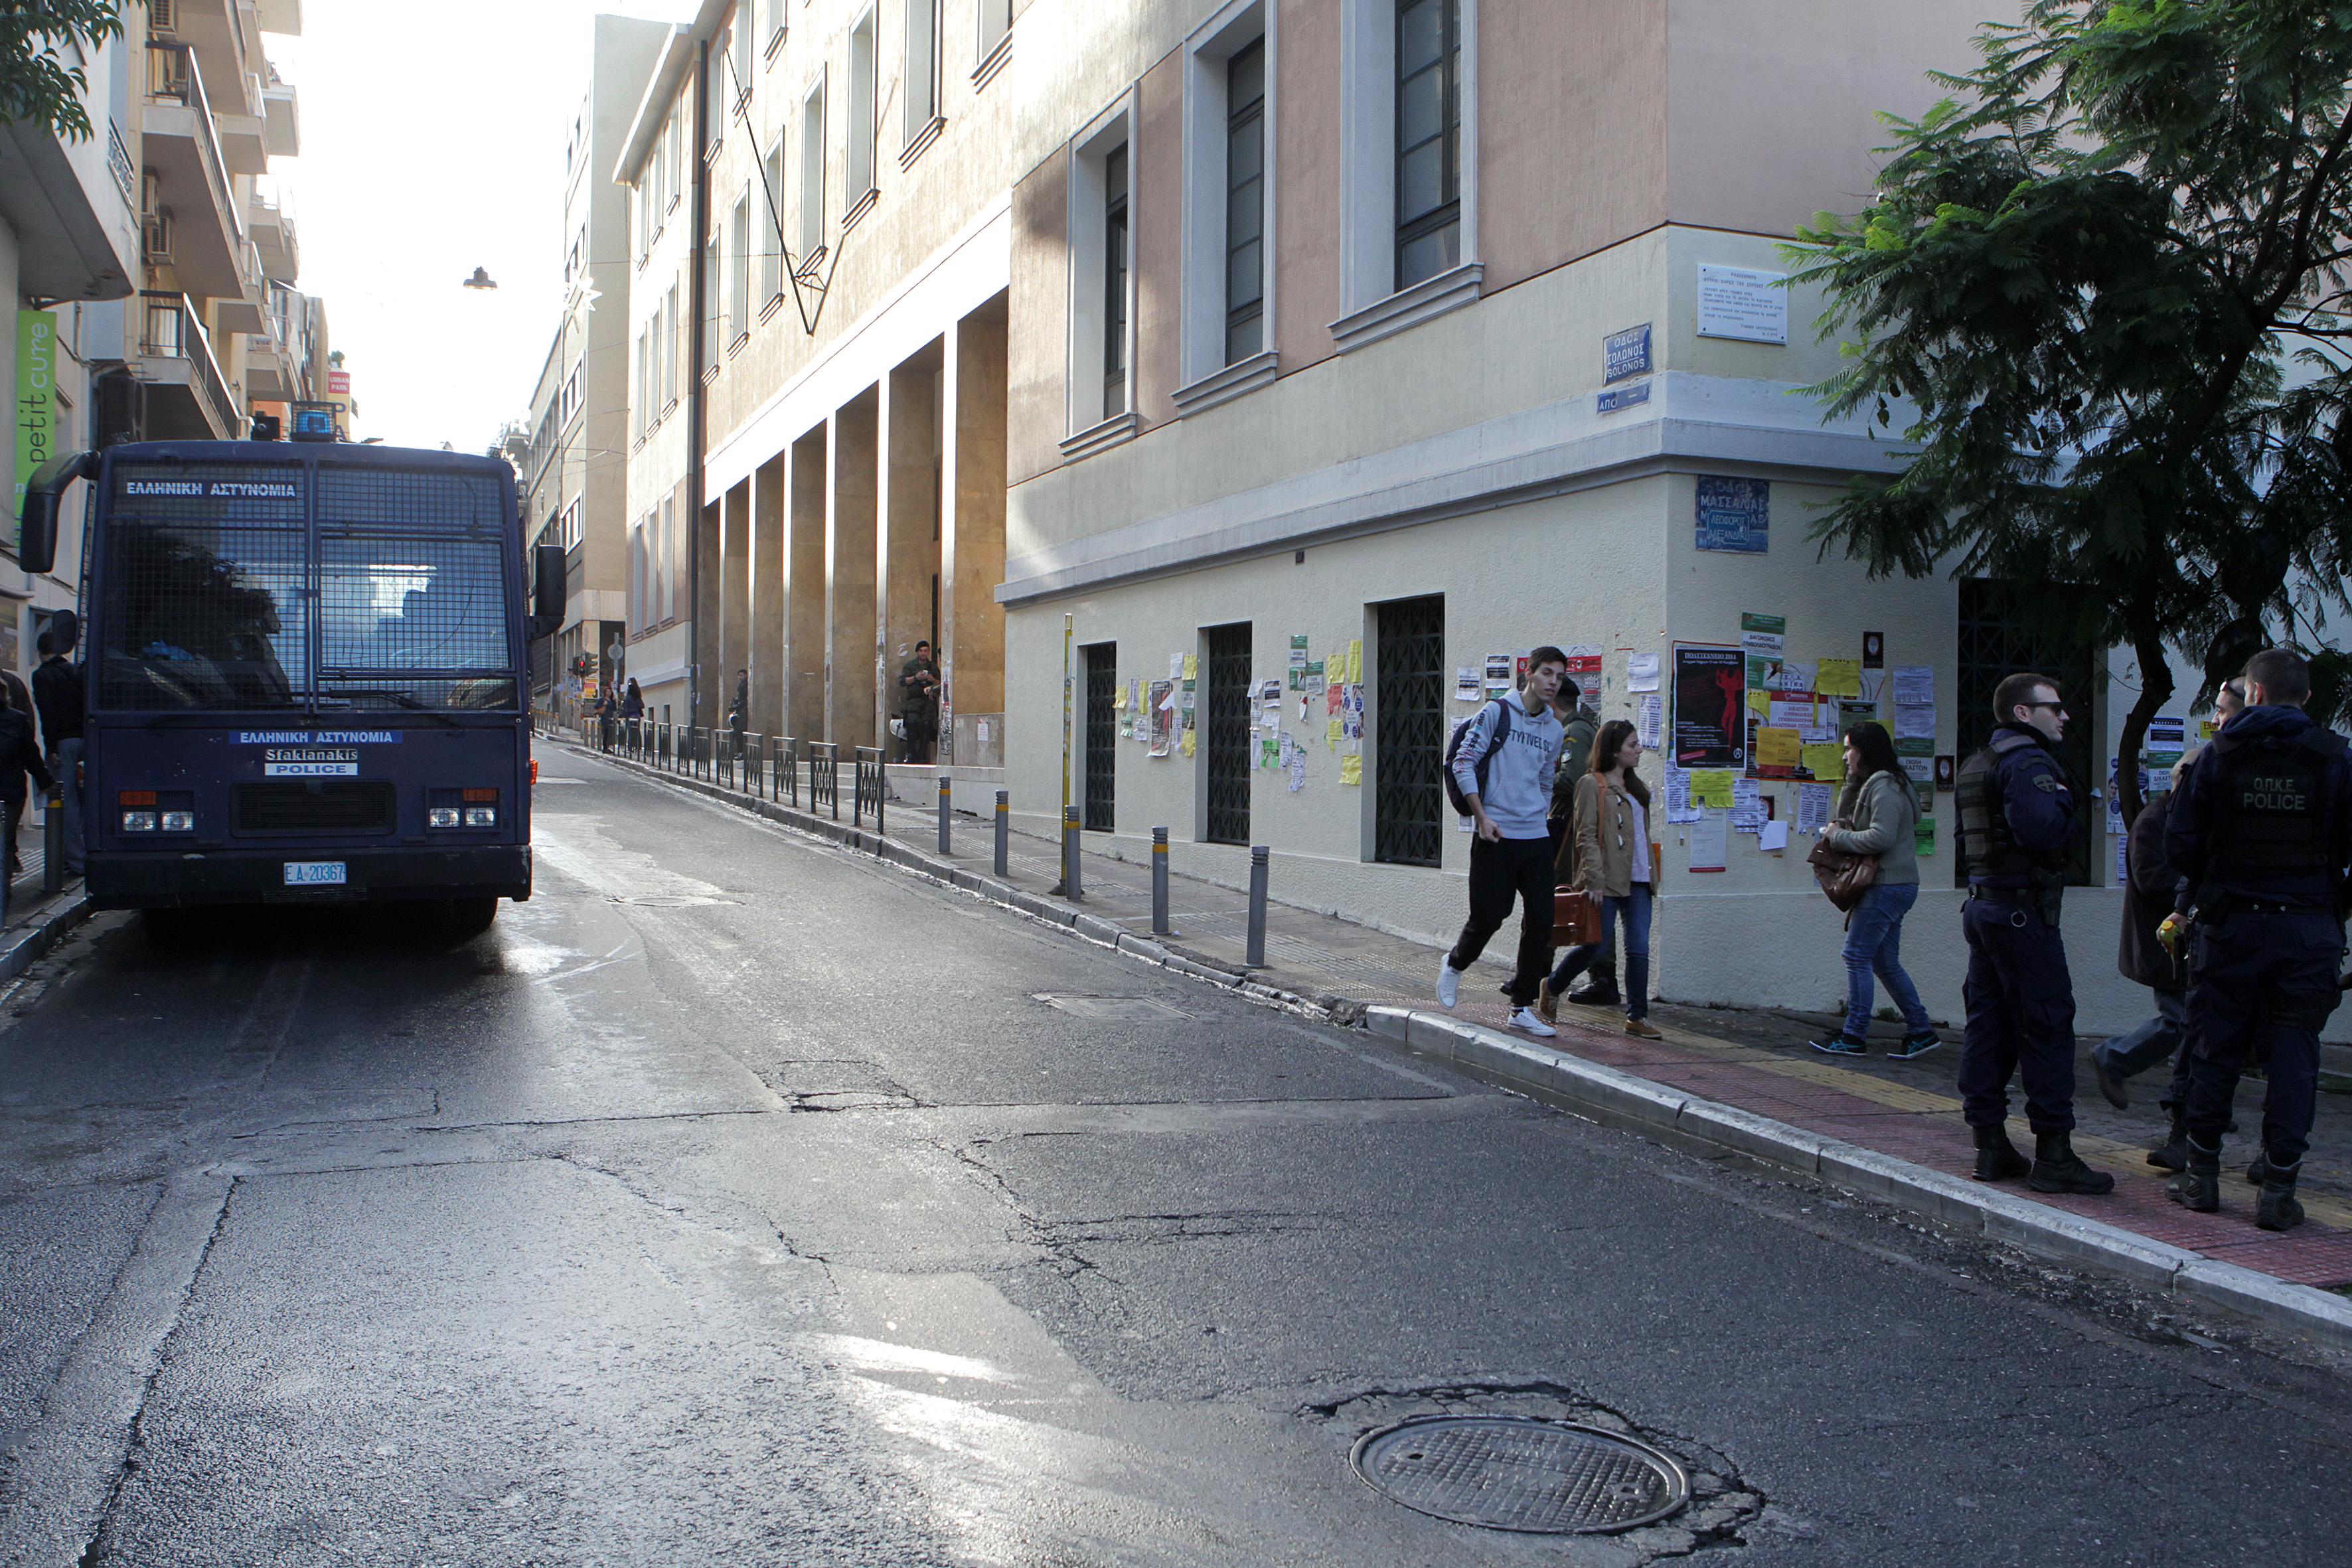 «Κραυγή αγωνίας» καθηγητών για την κατάσταση στη Νομική Αθηνών   tovima.gr